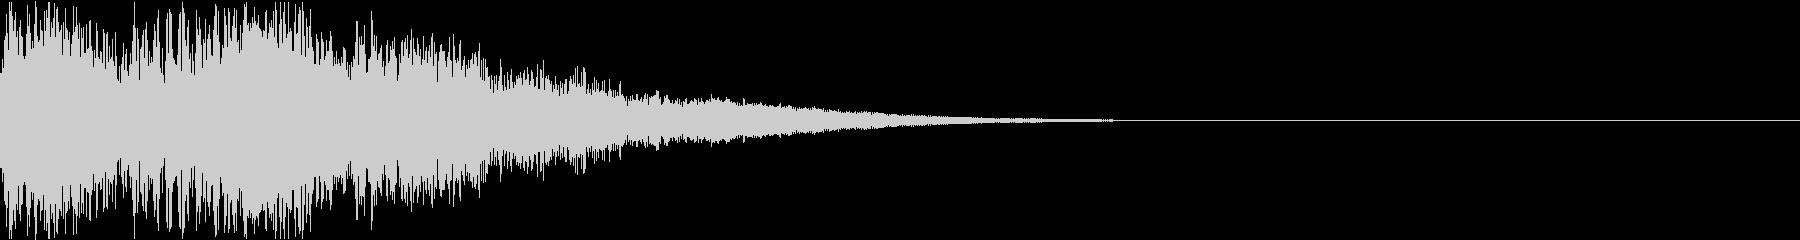 ロボット 合体 ガシーン キュイン 20の未再生の波形